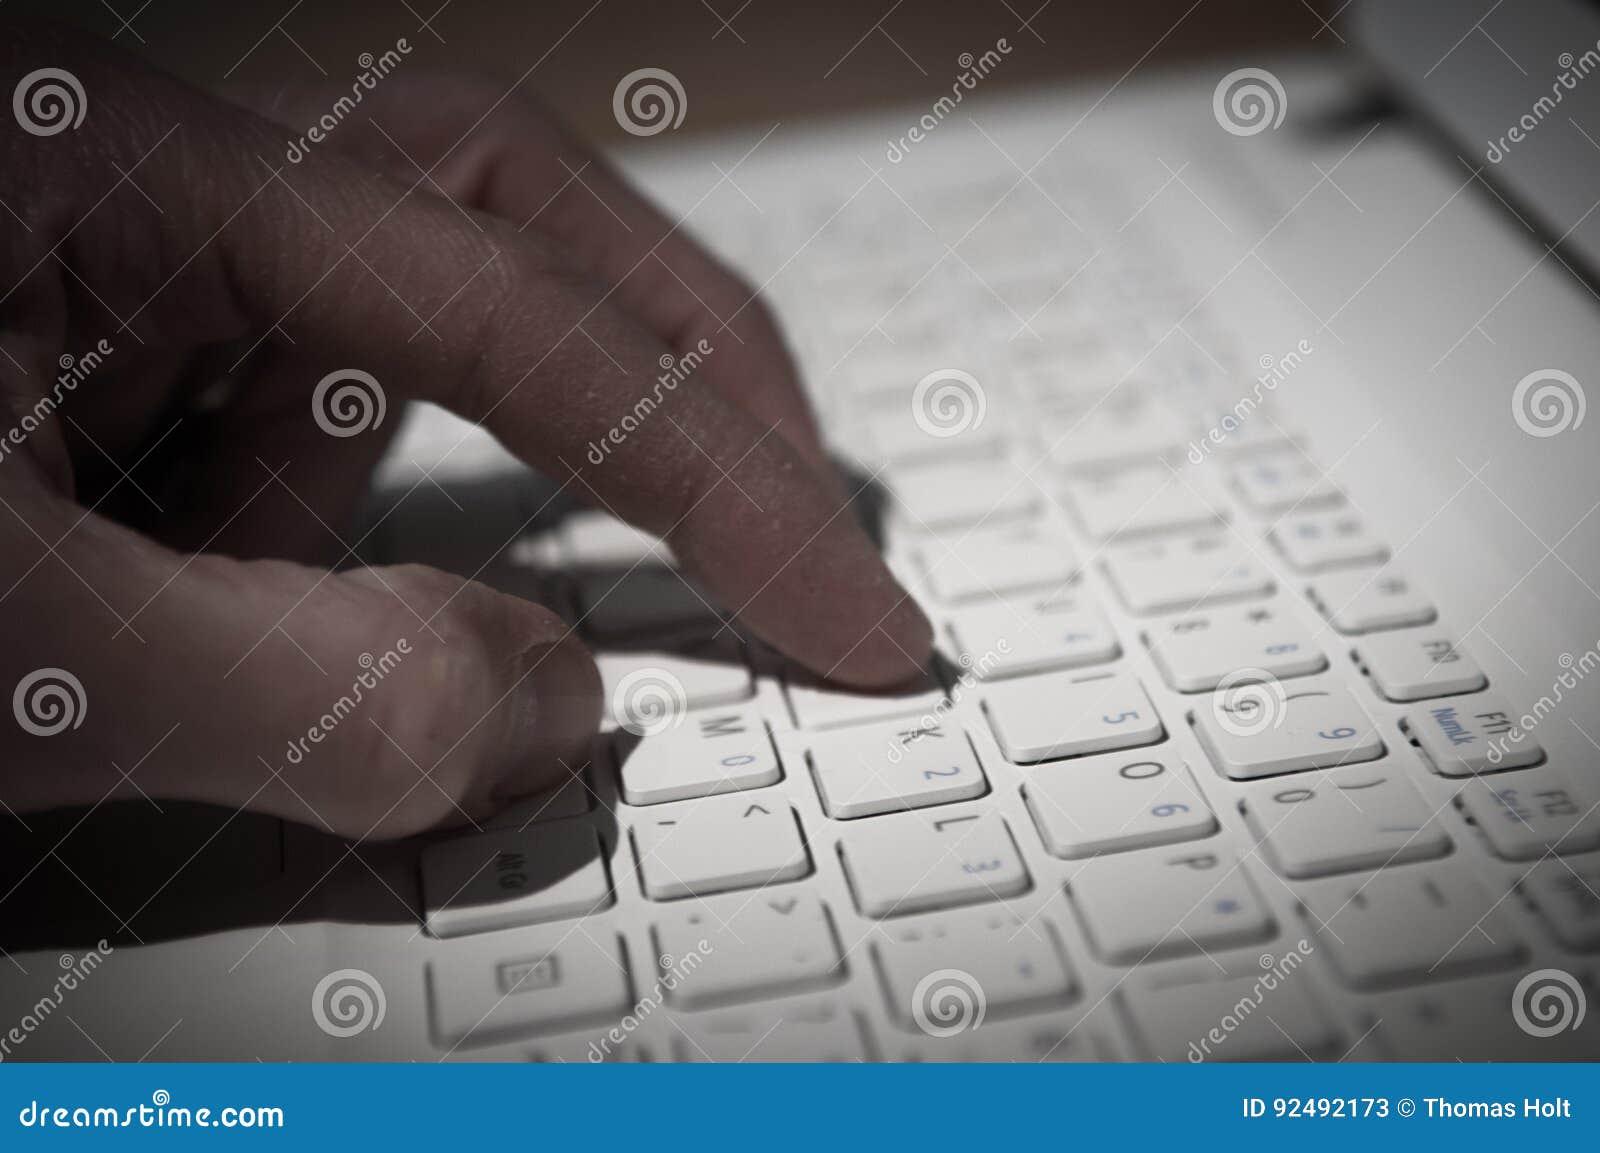 Internet-misdaad, hand het typen op een computertoetsenbord